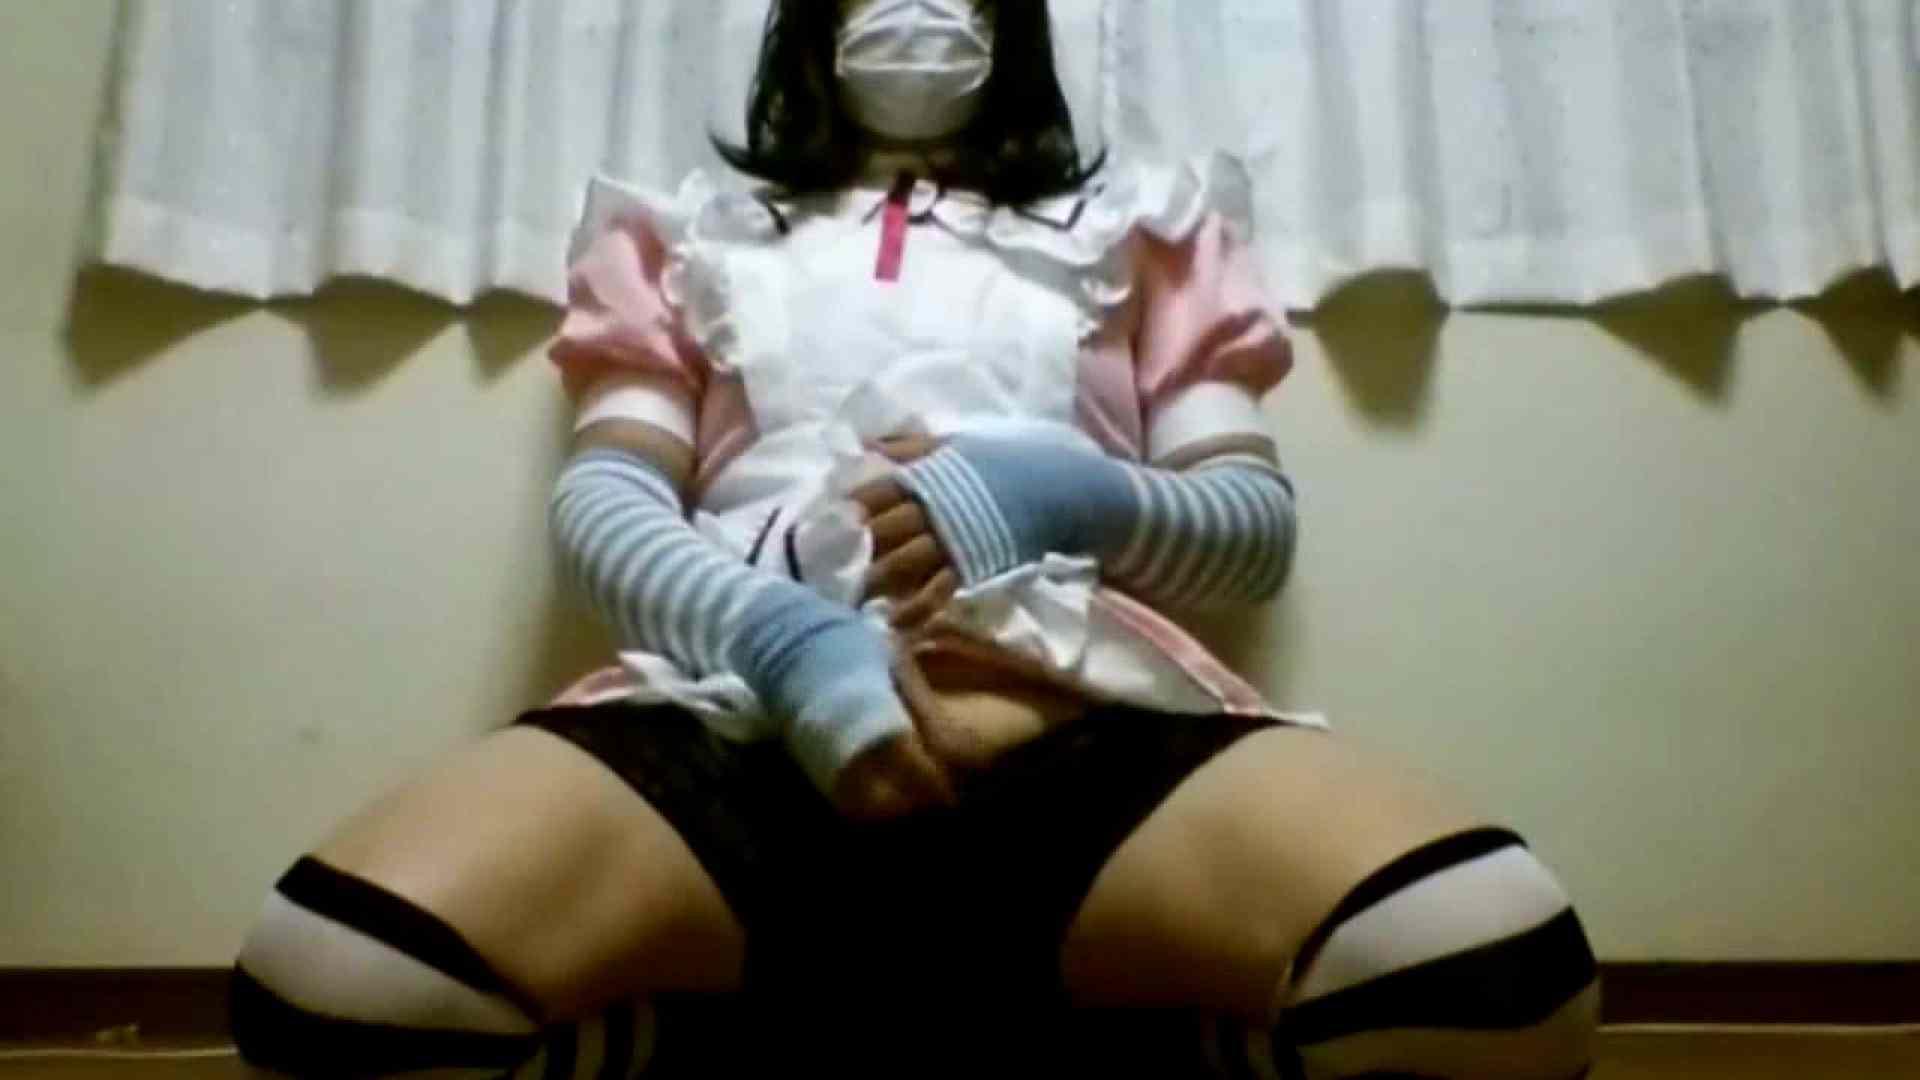 男のKOスプレー!Vol.10 オナニー | 手コキ アダルトビデオ画像キャプチャ 73pic 19